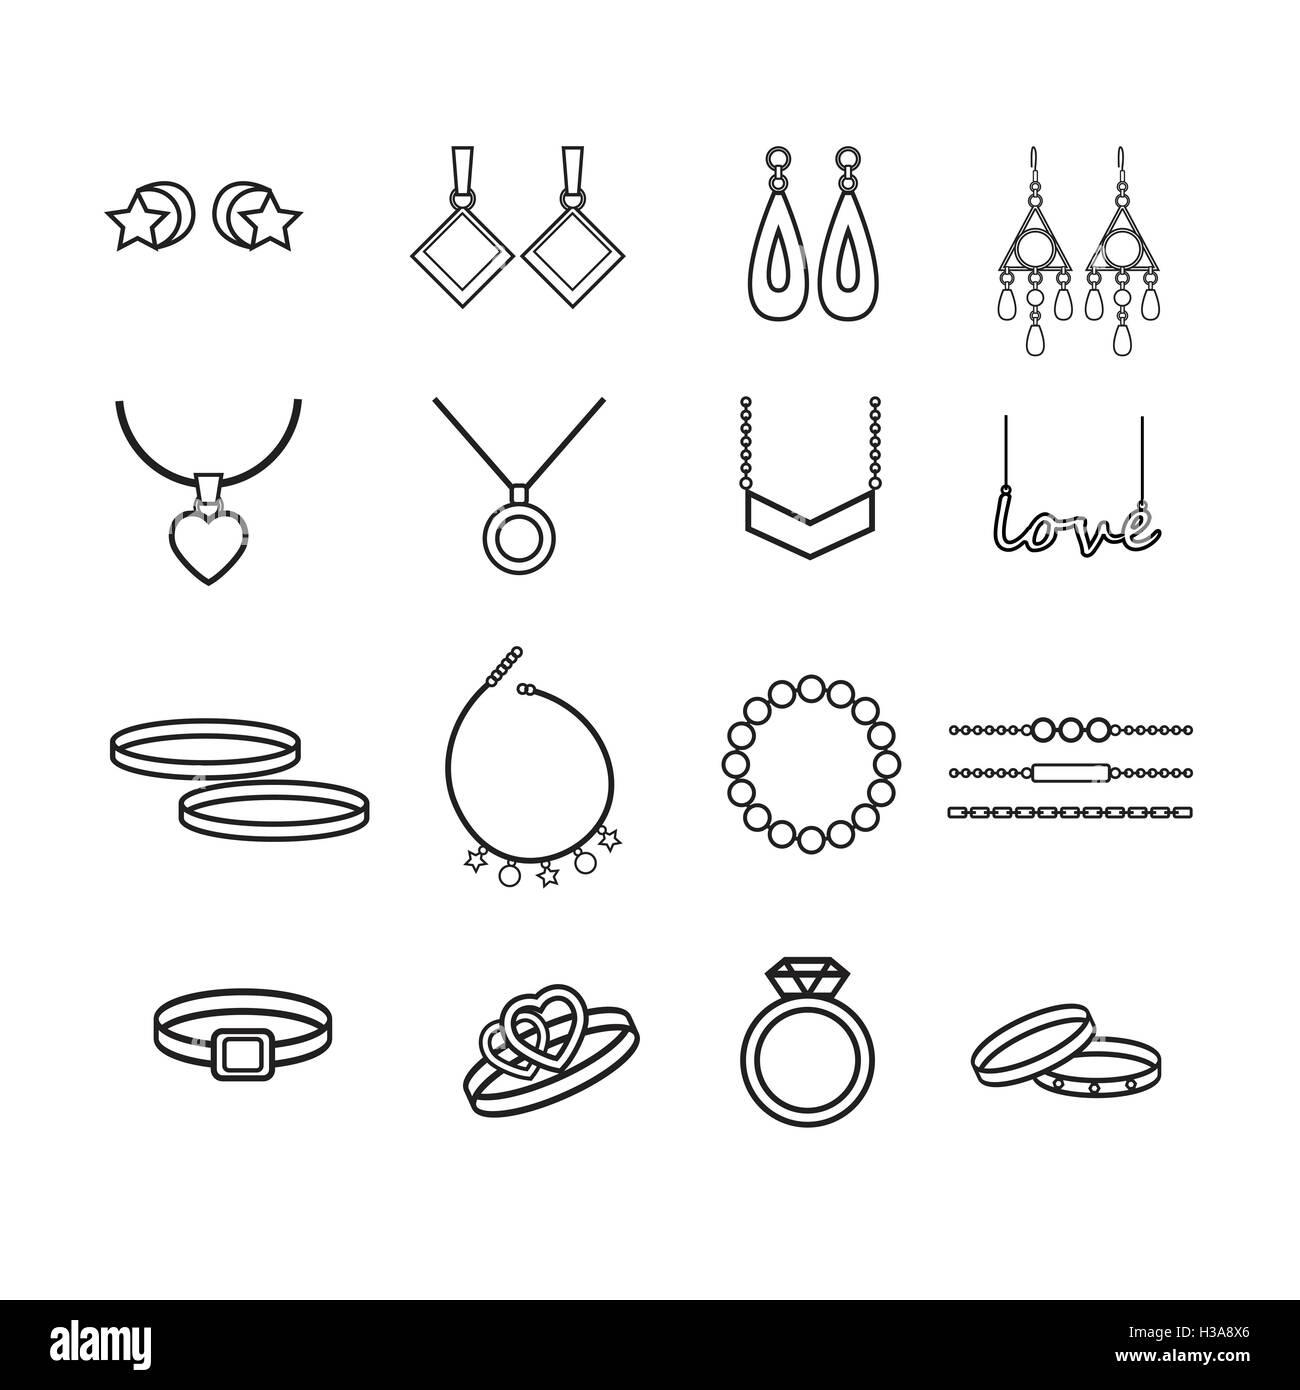 Jewelry vector set - Stock Image